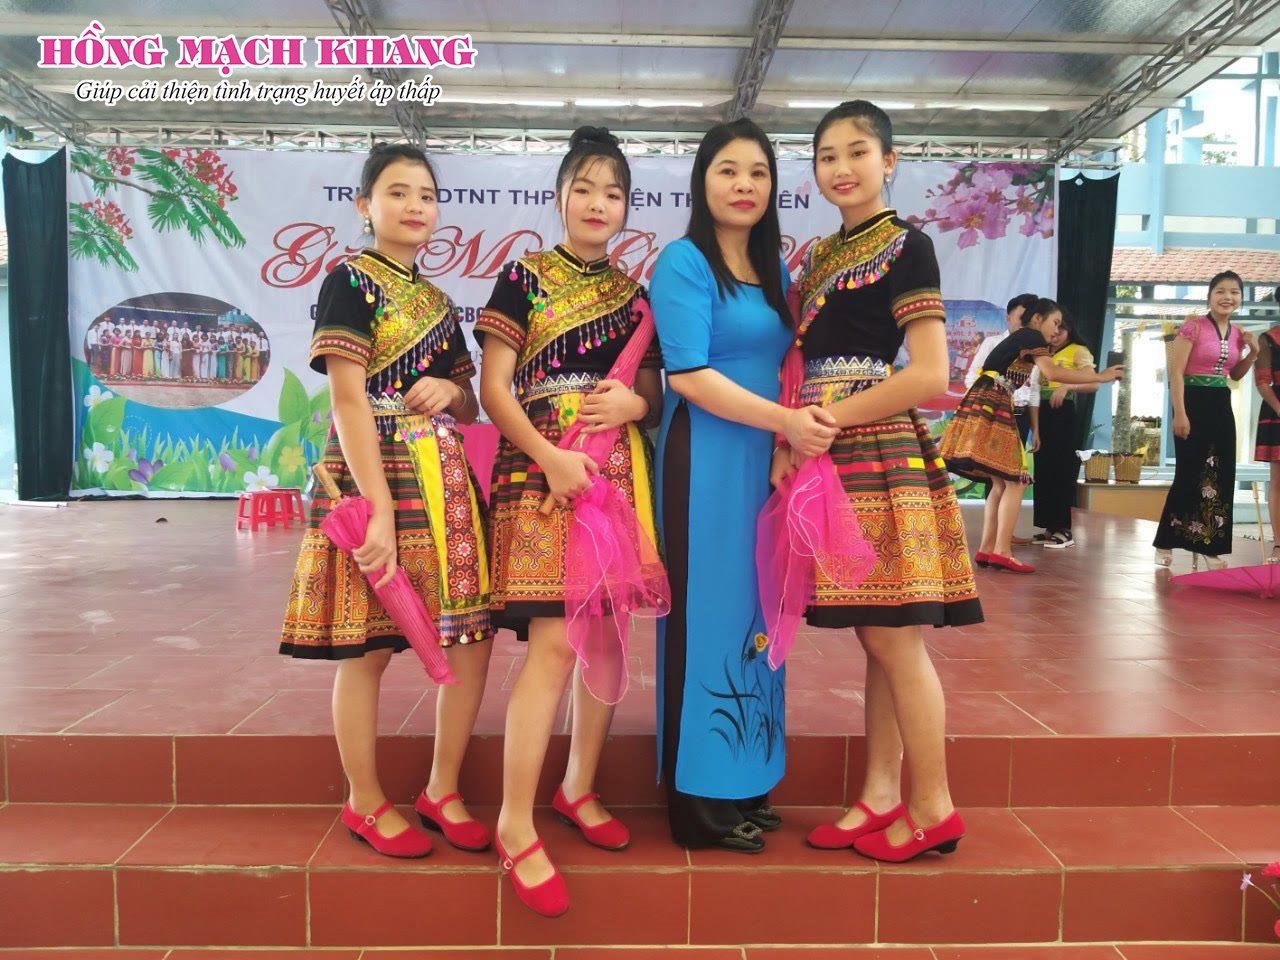 Chị Phượng cùng các em học sinh tại trường dân tộc nội trú huyện Than Uyên